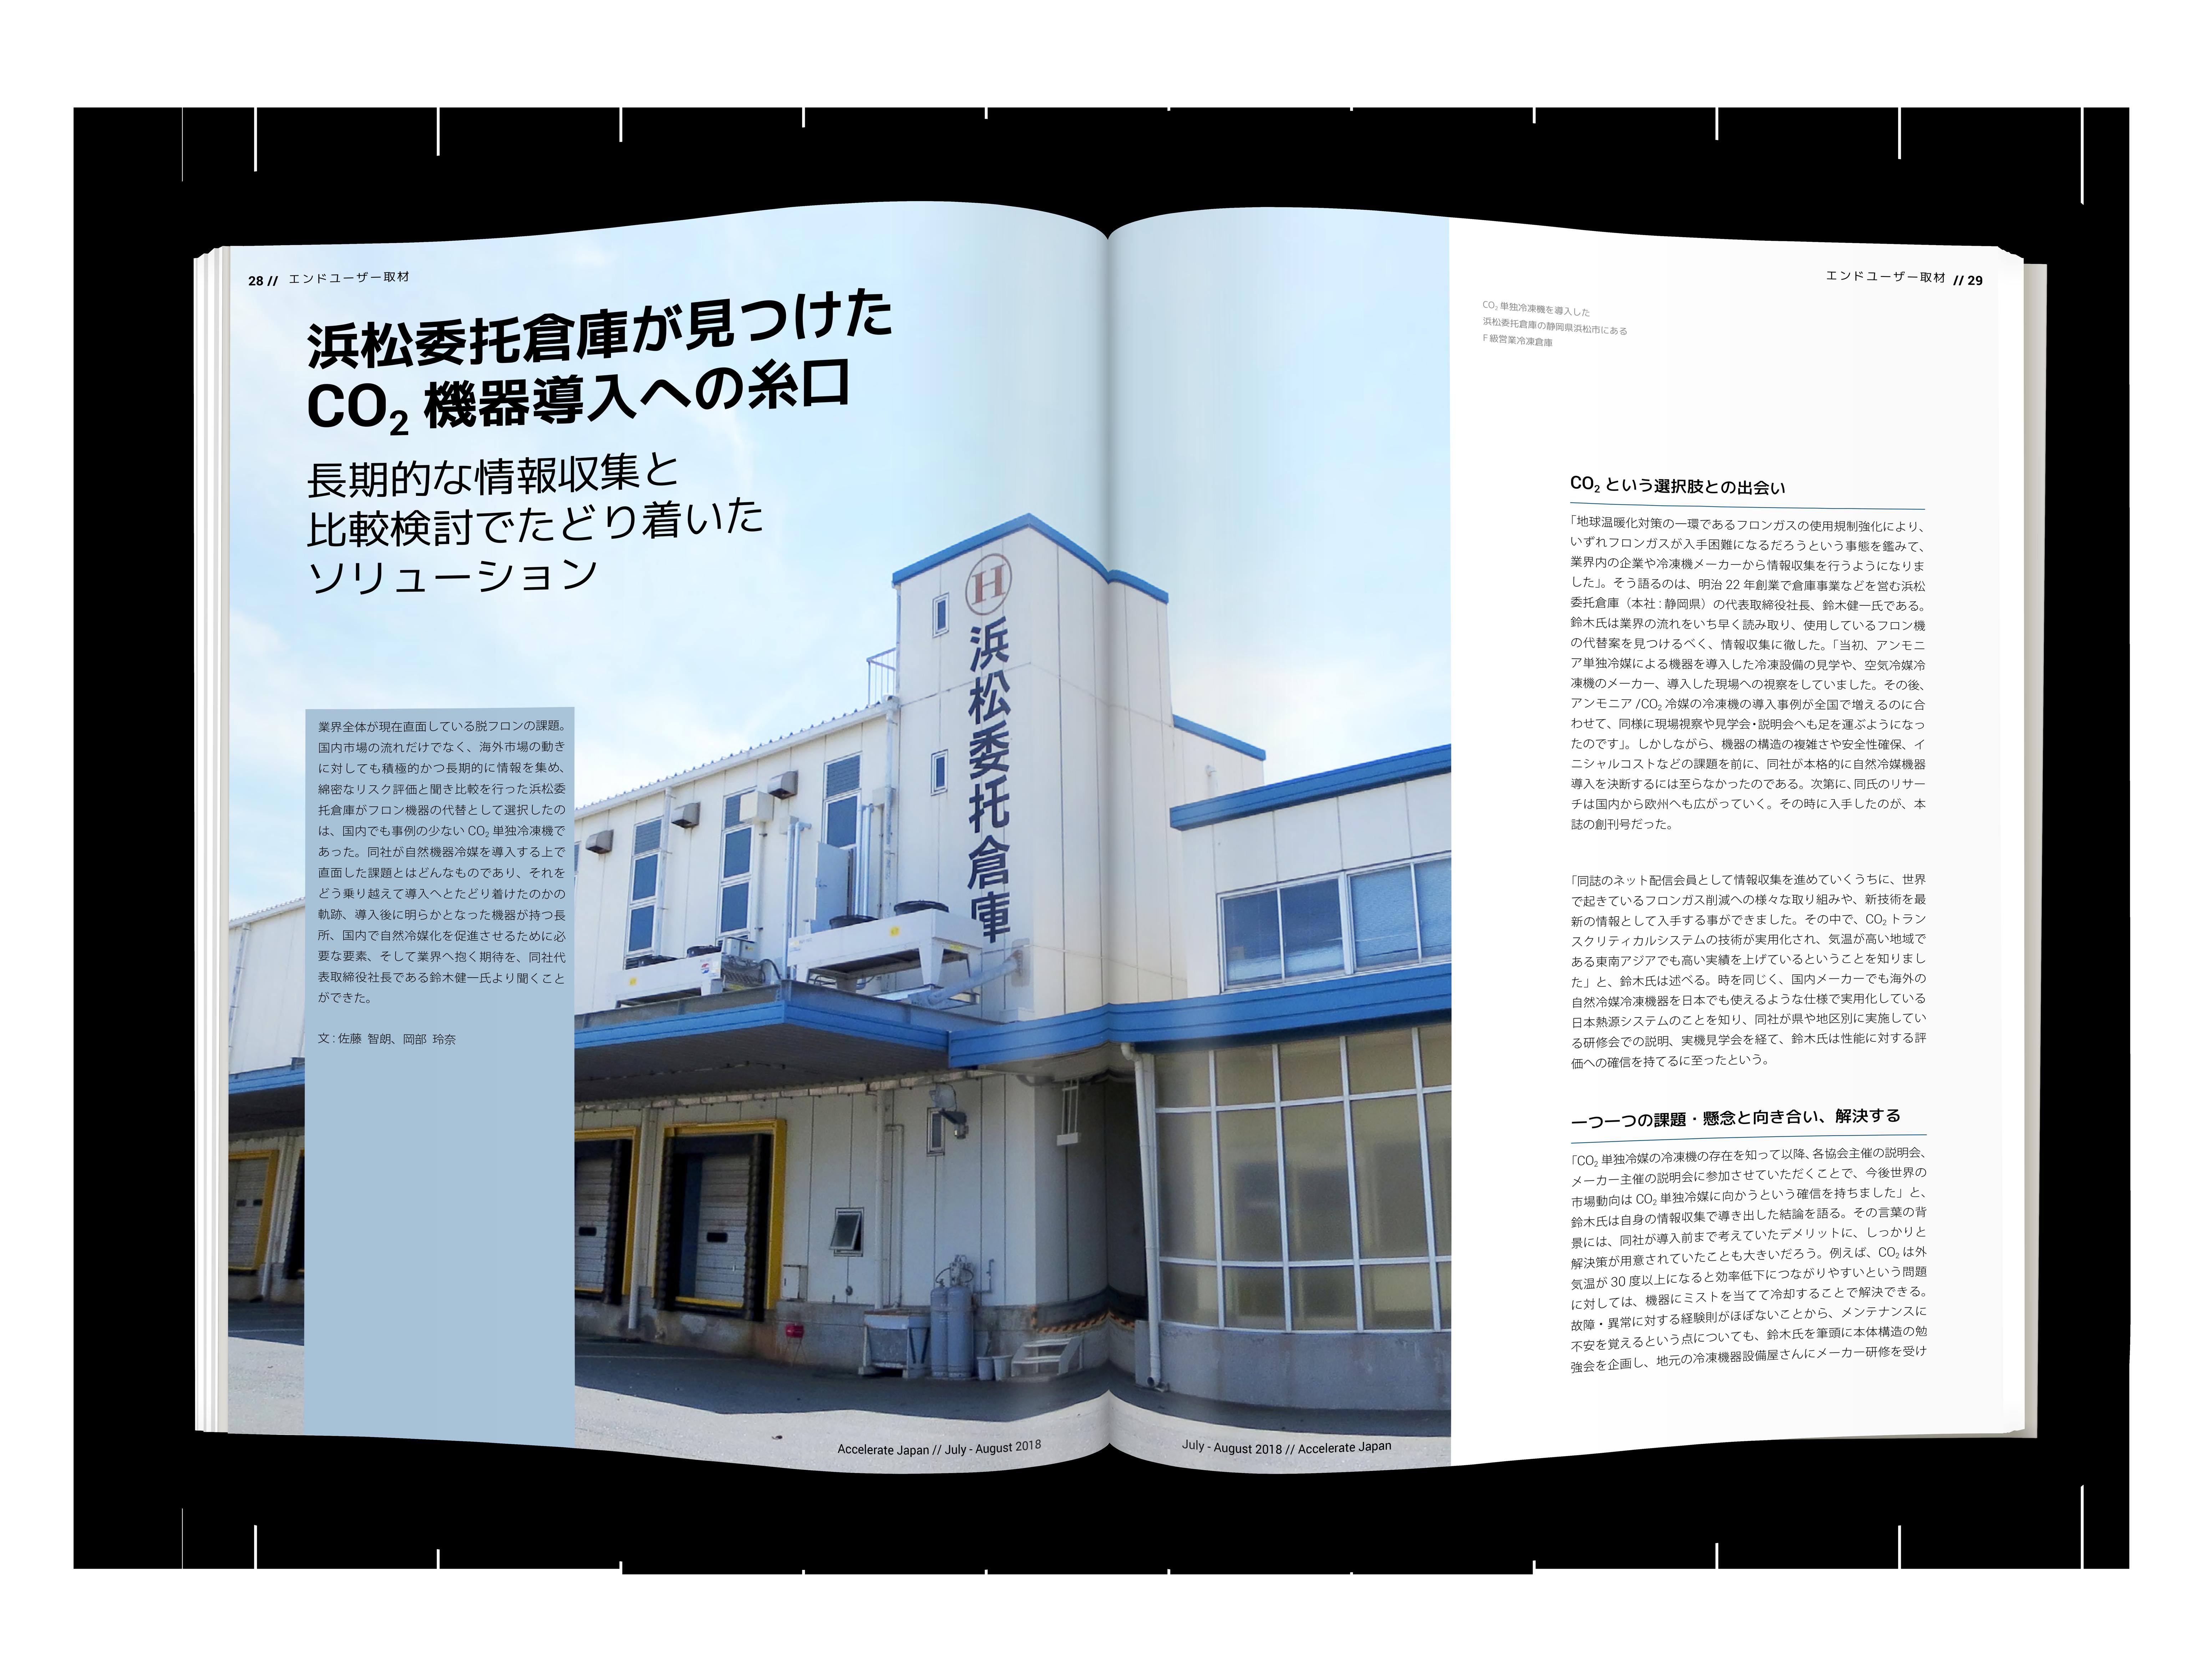 浜松委托倉庫が見つけたCO2機器導入への糸口